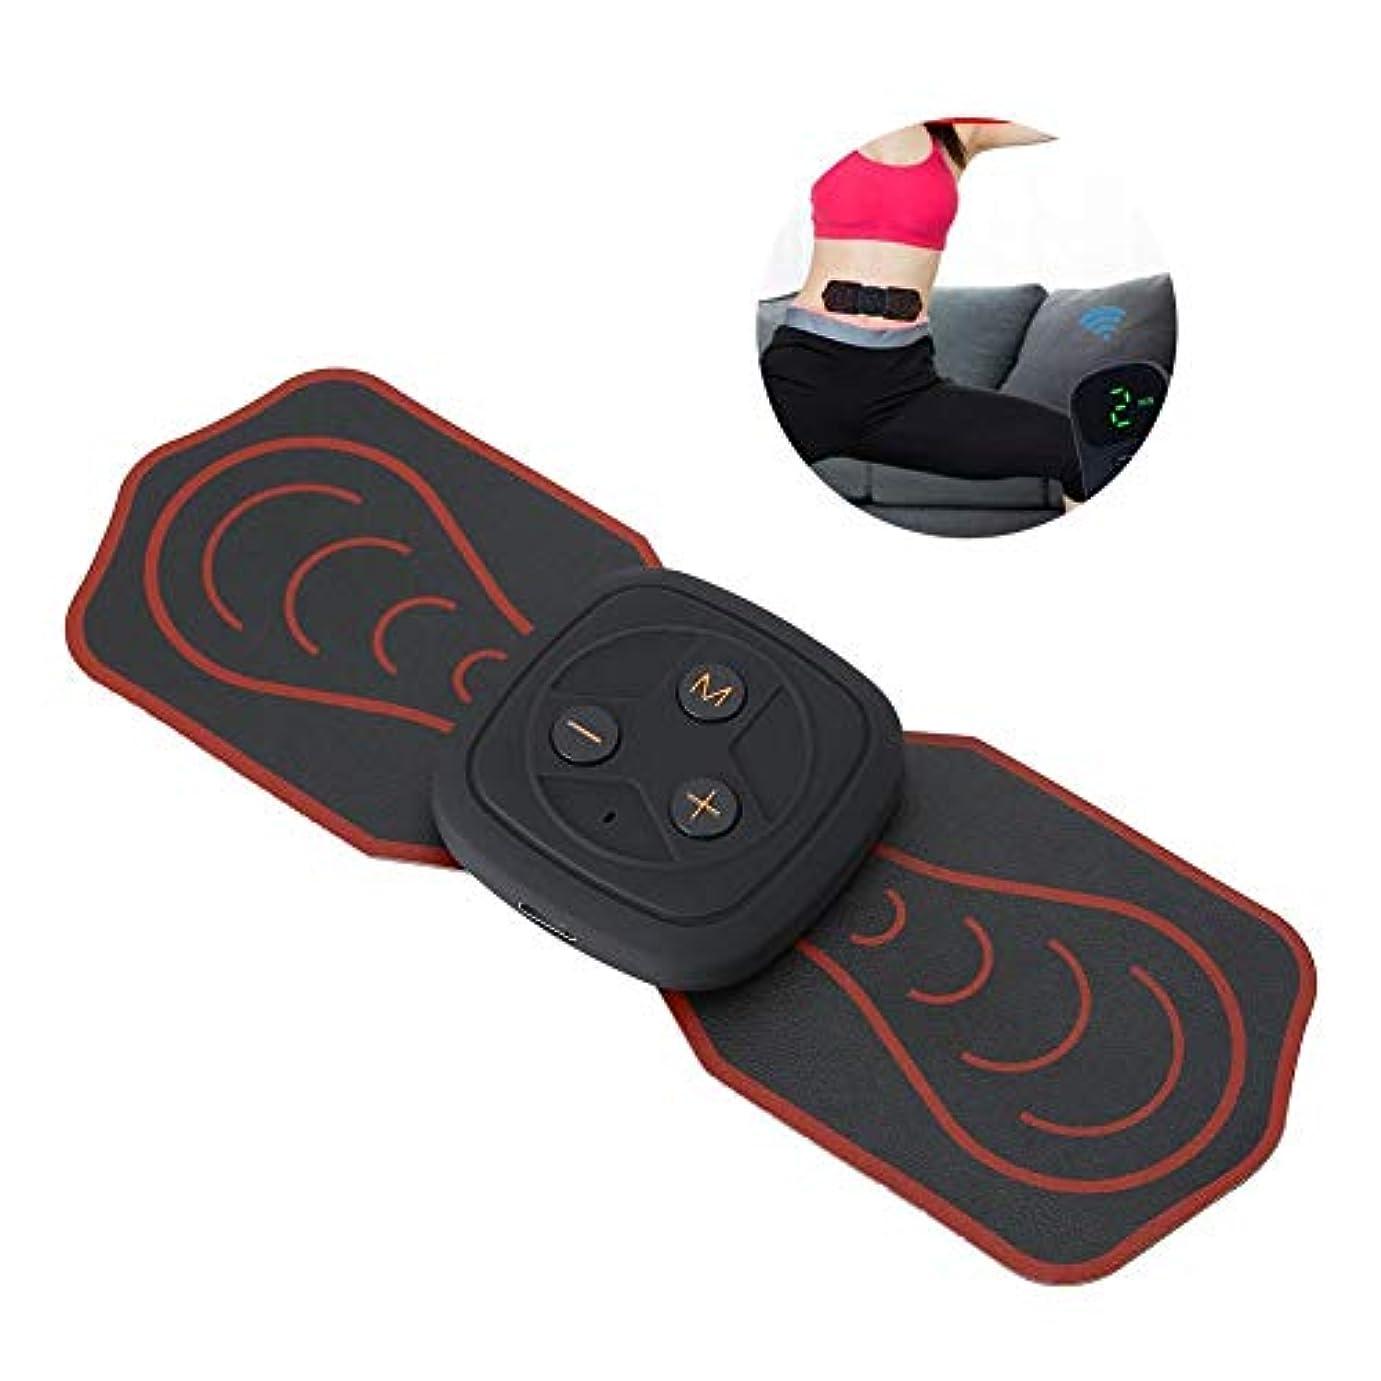 首サポーターミニマッサージャー多機能パッド低周波デジタルマッサージ用背中足足筋肉